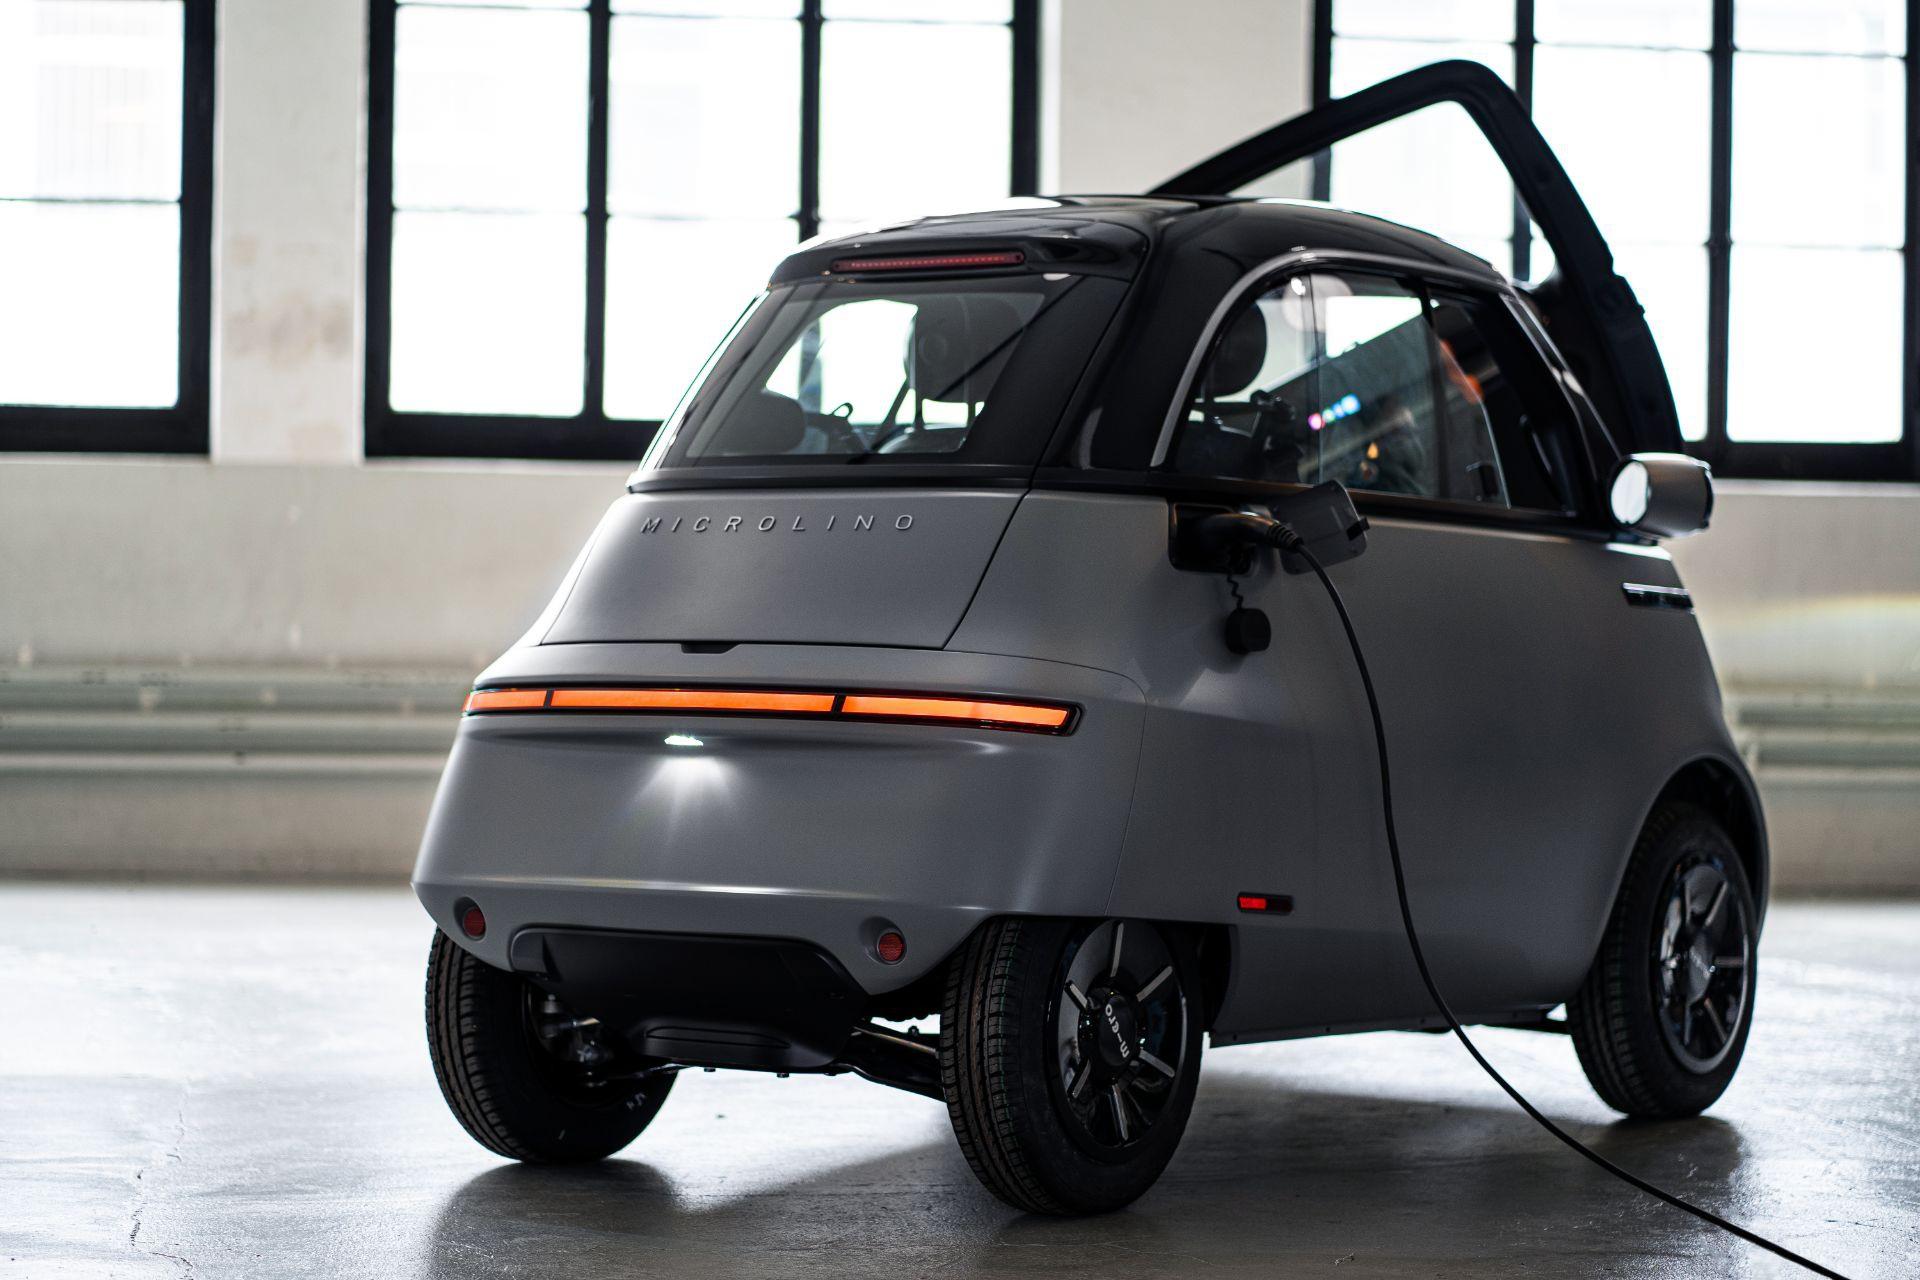 Xe điện tí hon Microlino 2.0 tái sinh huyền thoại BMW Isetta - 5